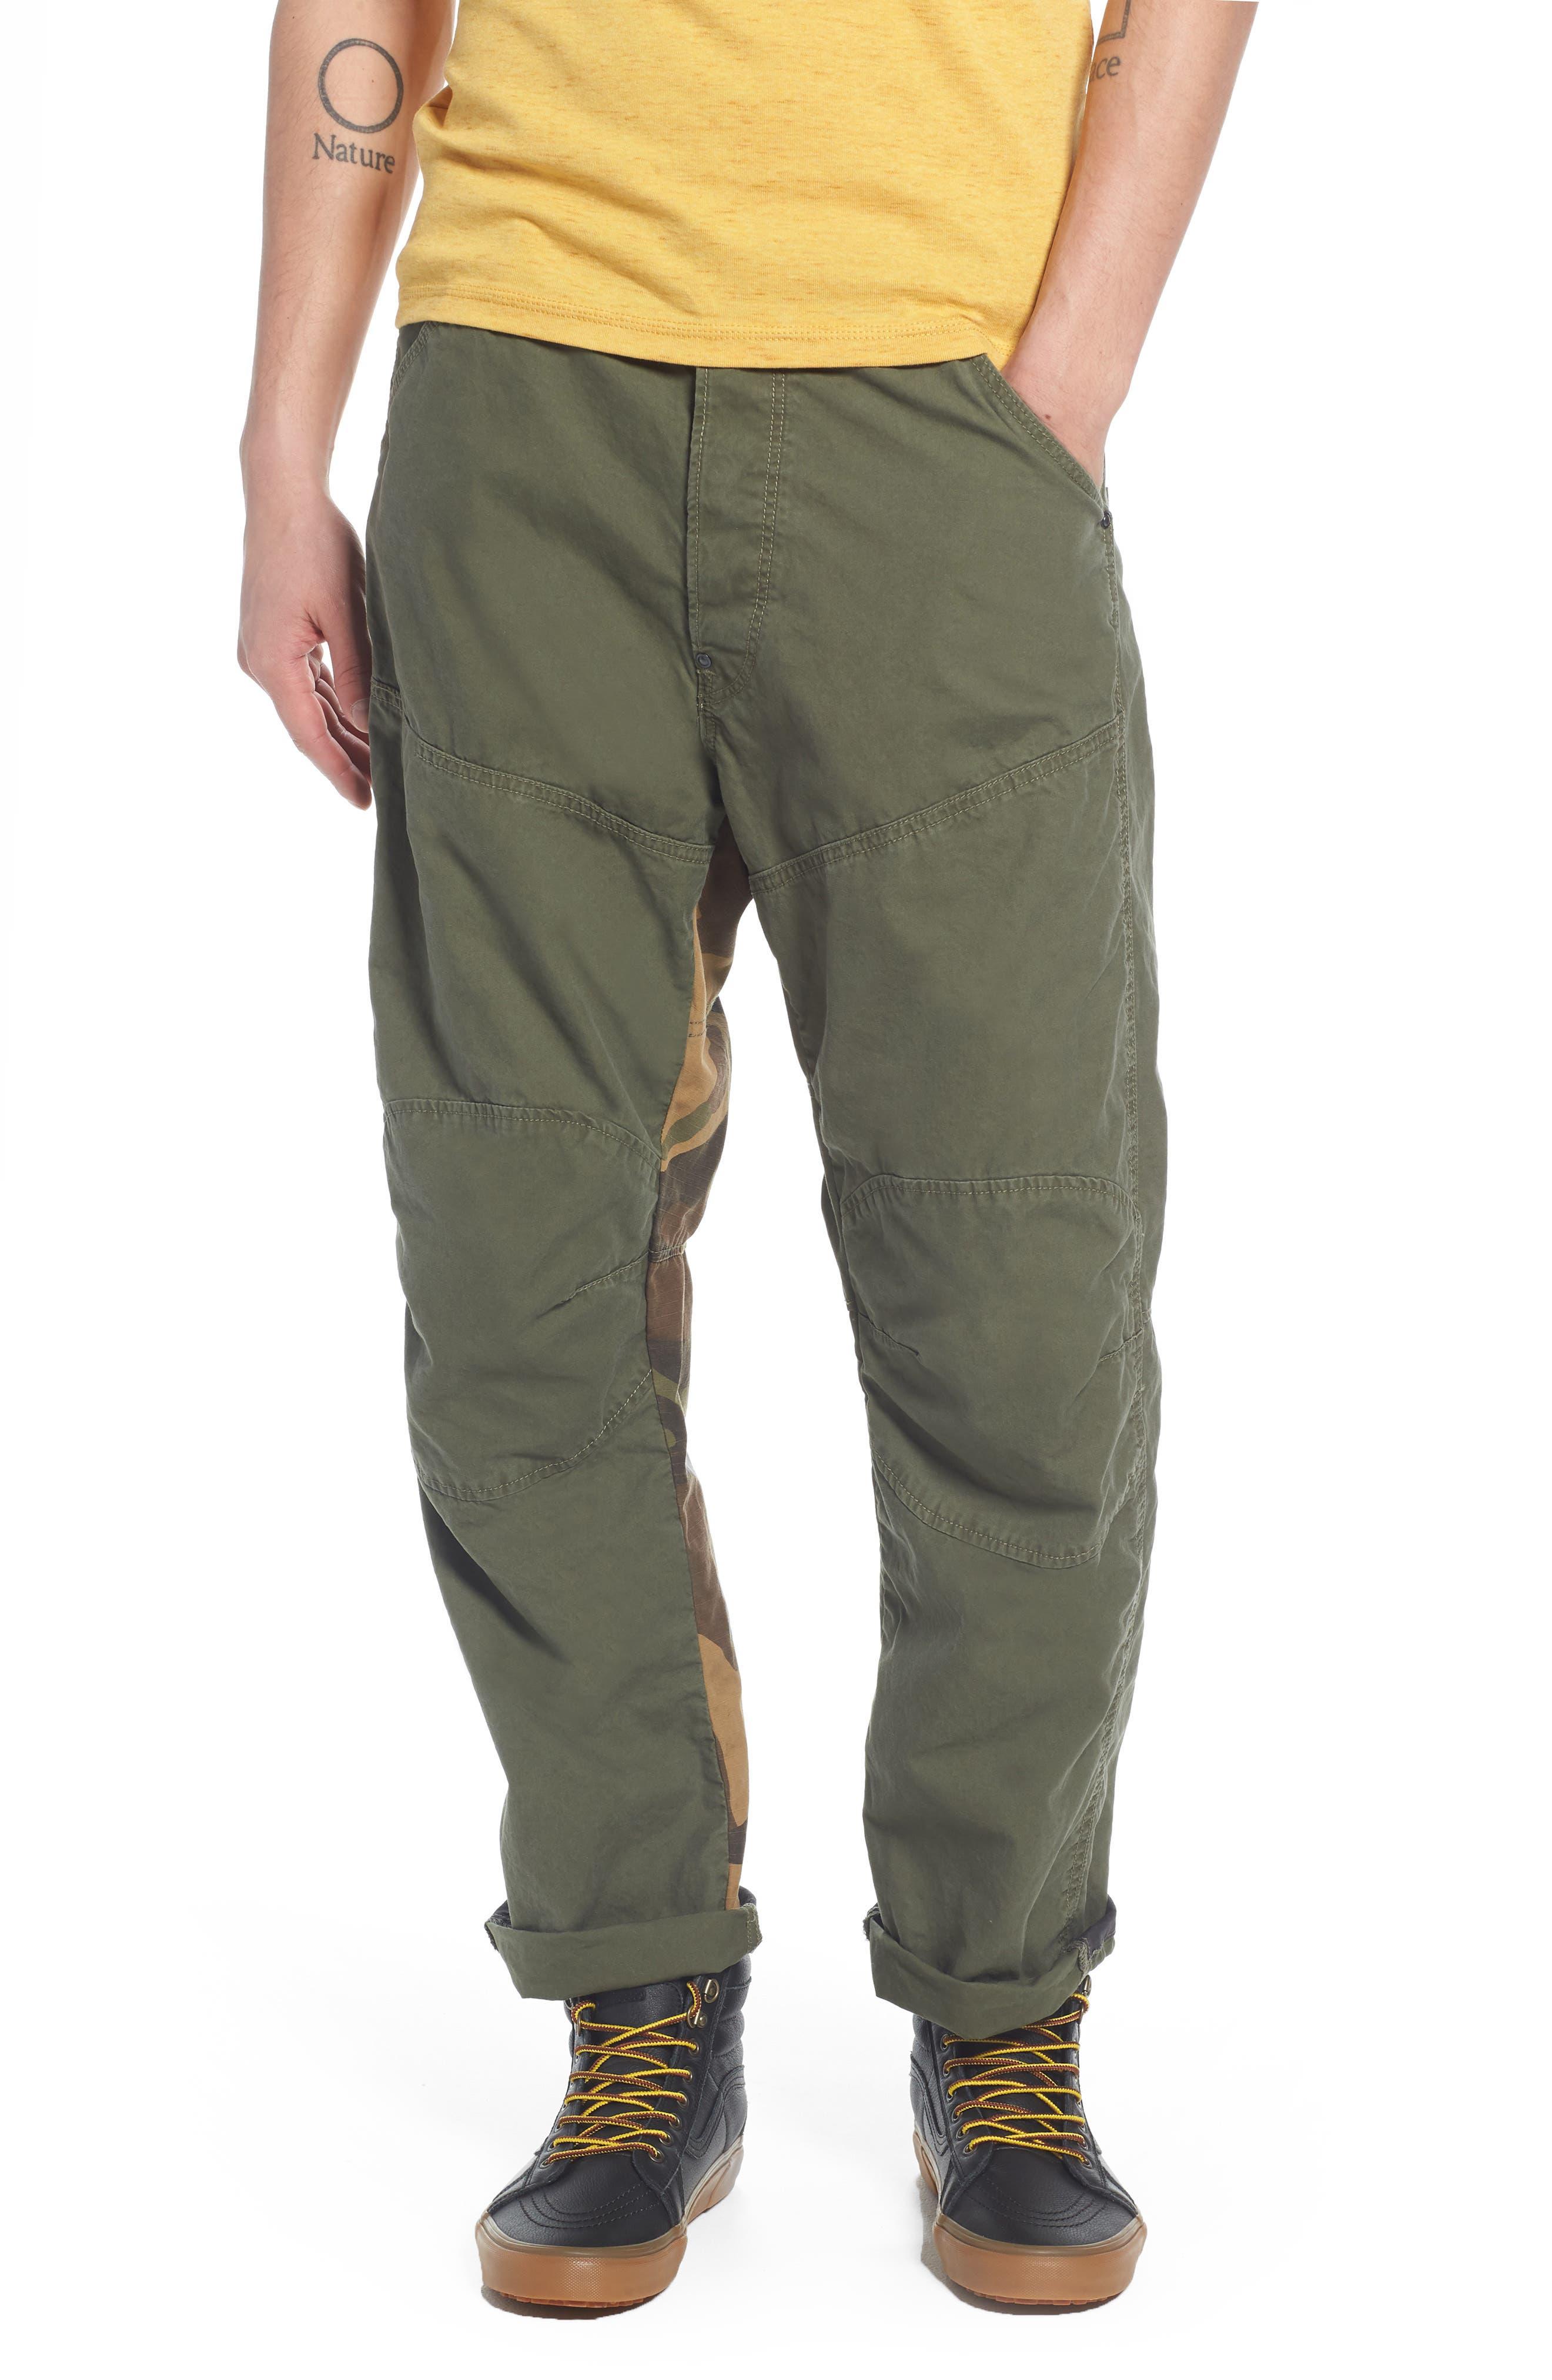 5620 SPM 3D Pants,                             Main thumbnail 1, color,                             300